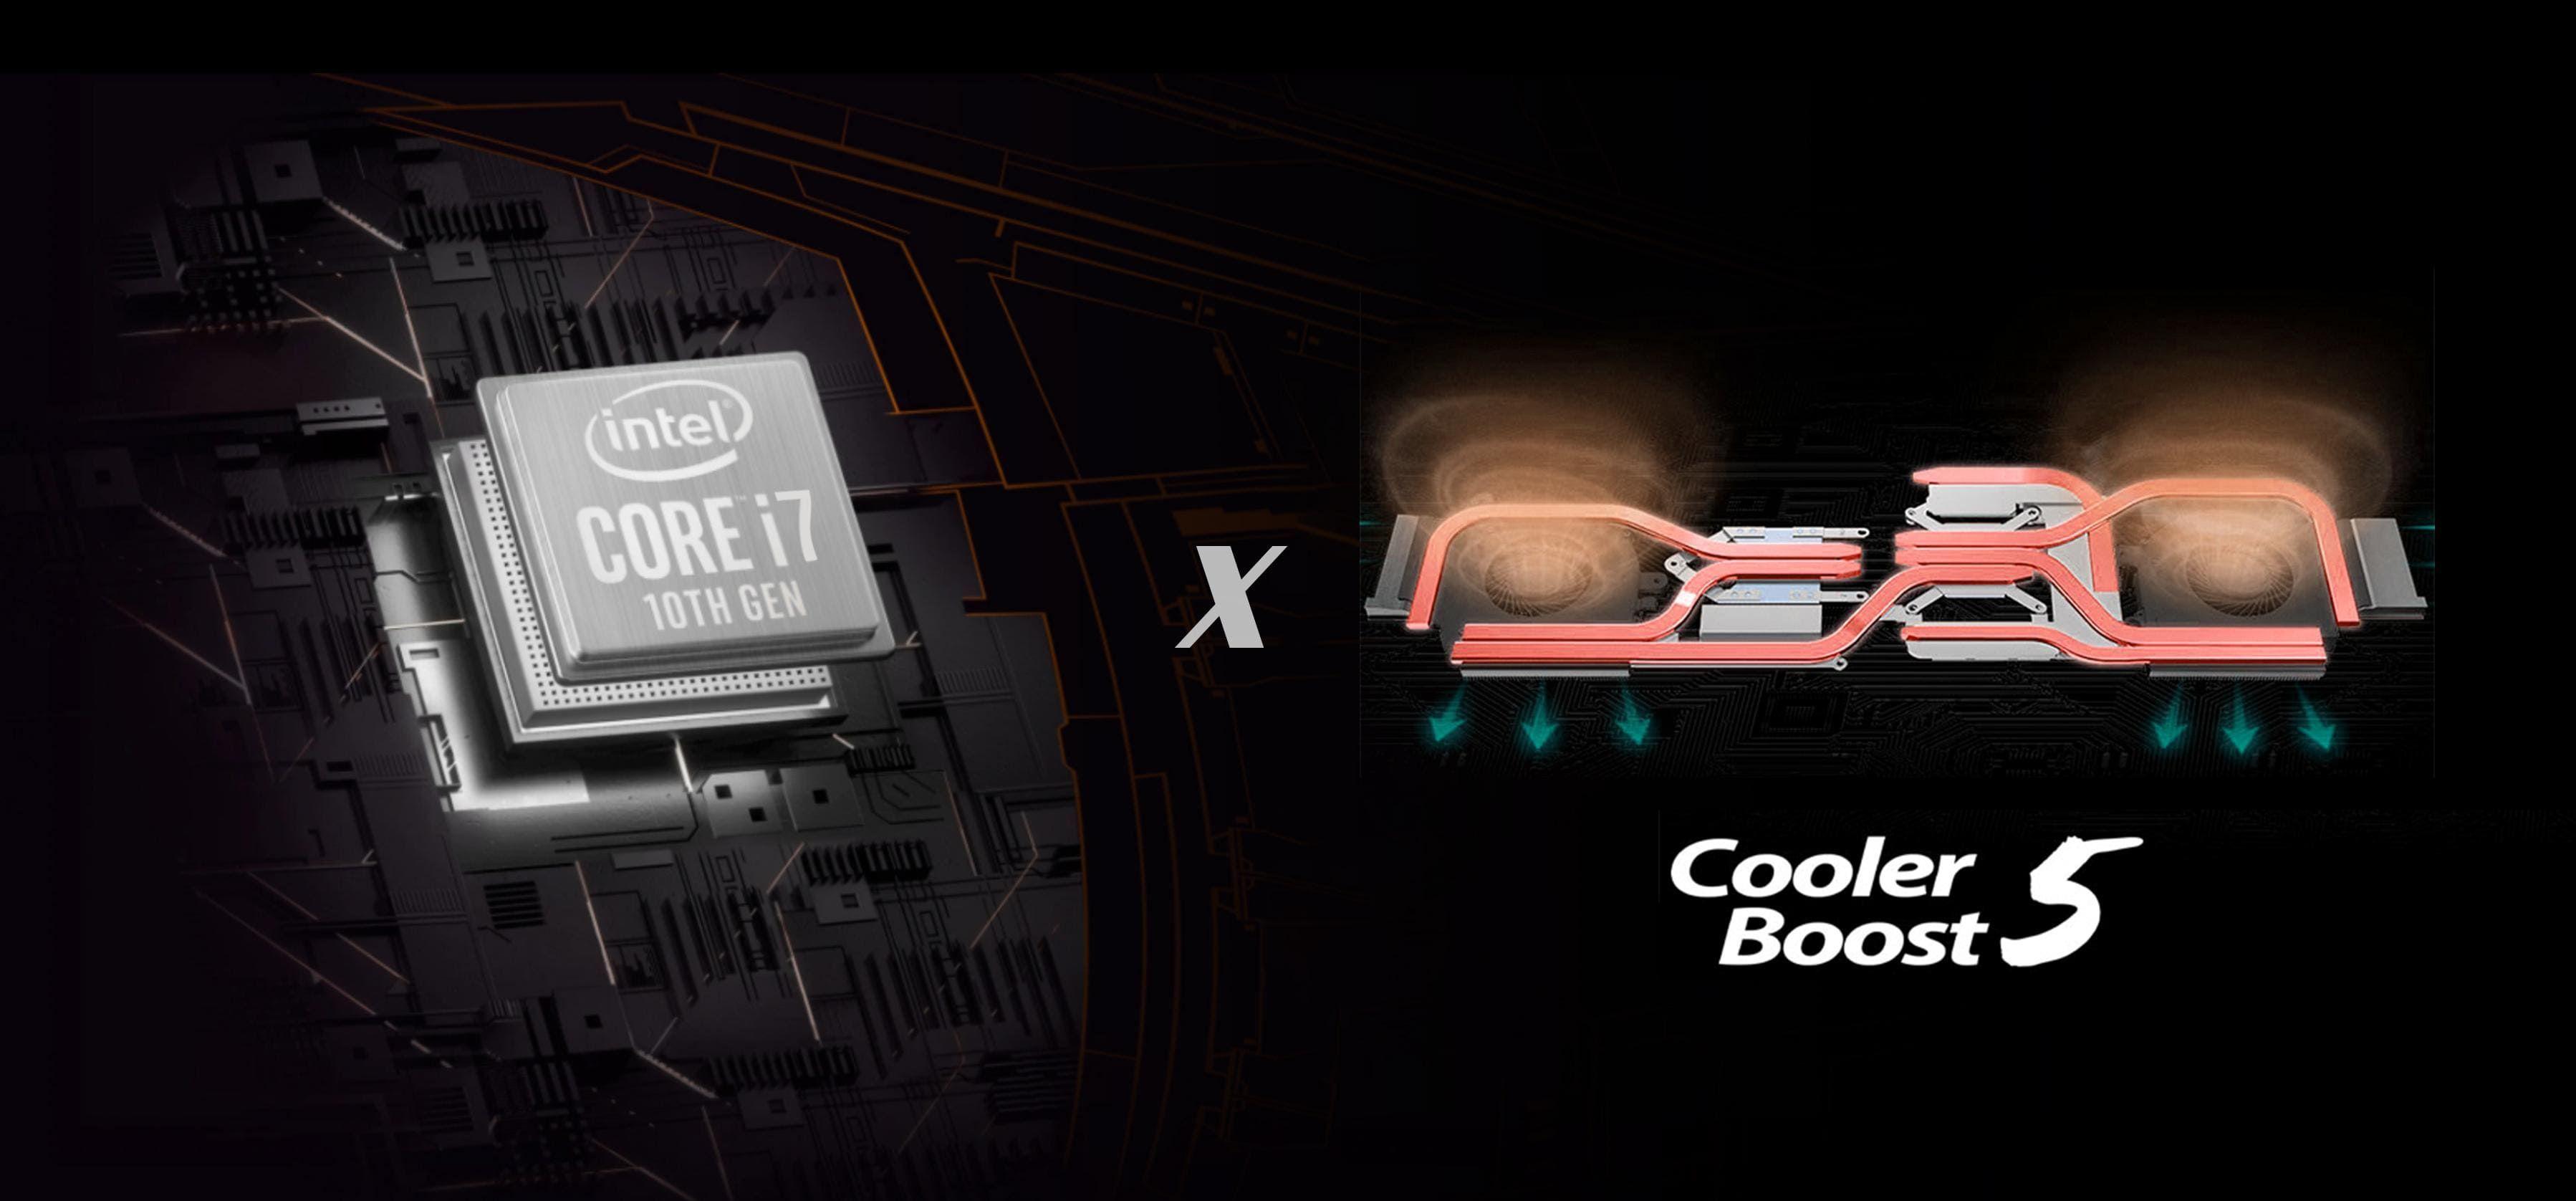 Chơi game mát mẻ và tối ưu với Cooler Boost 5